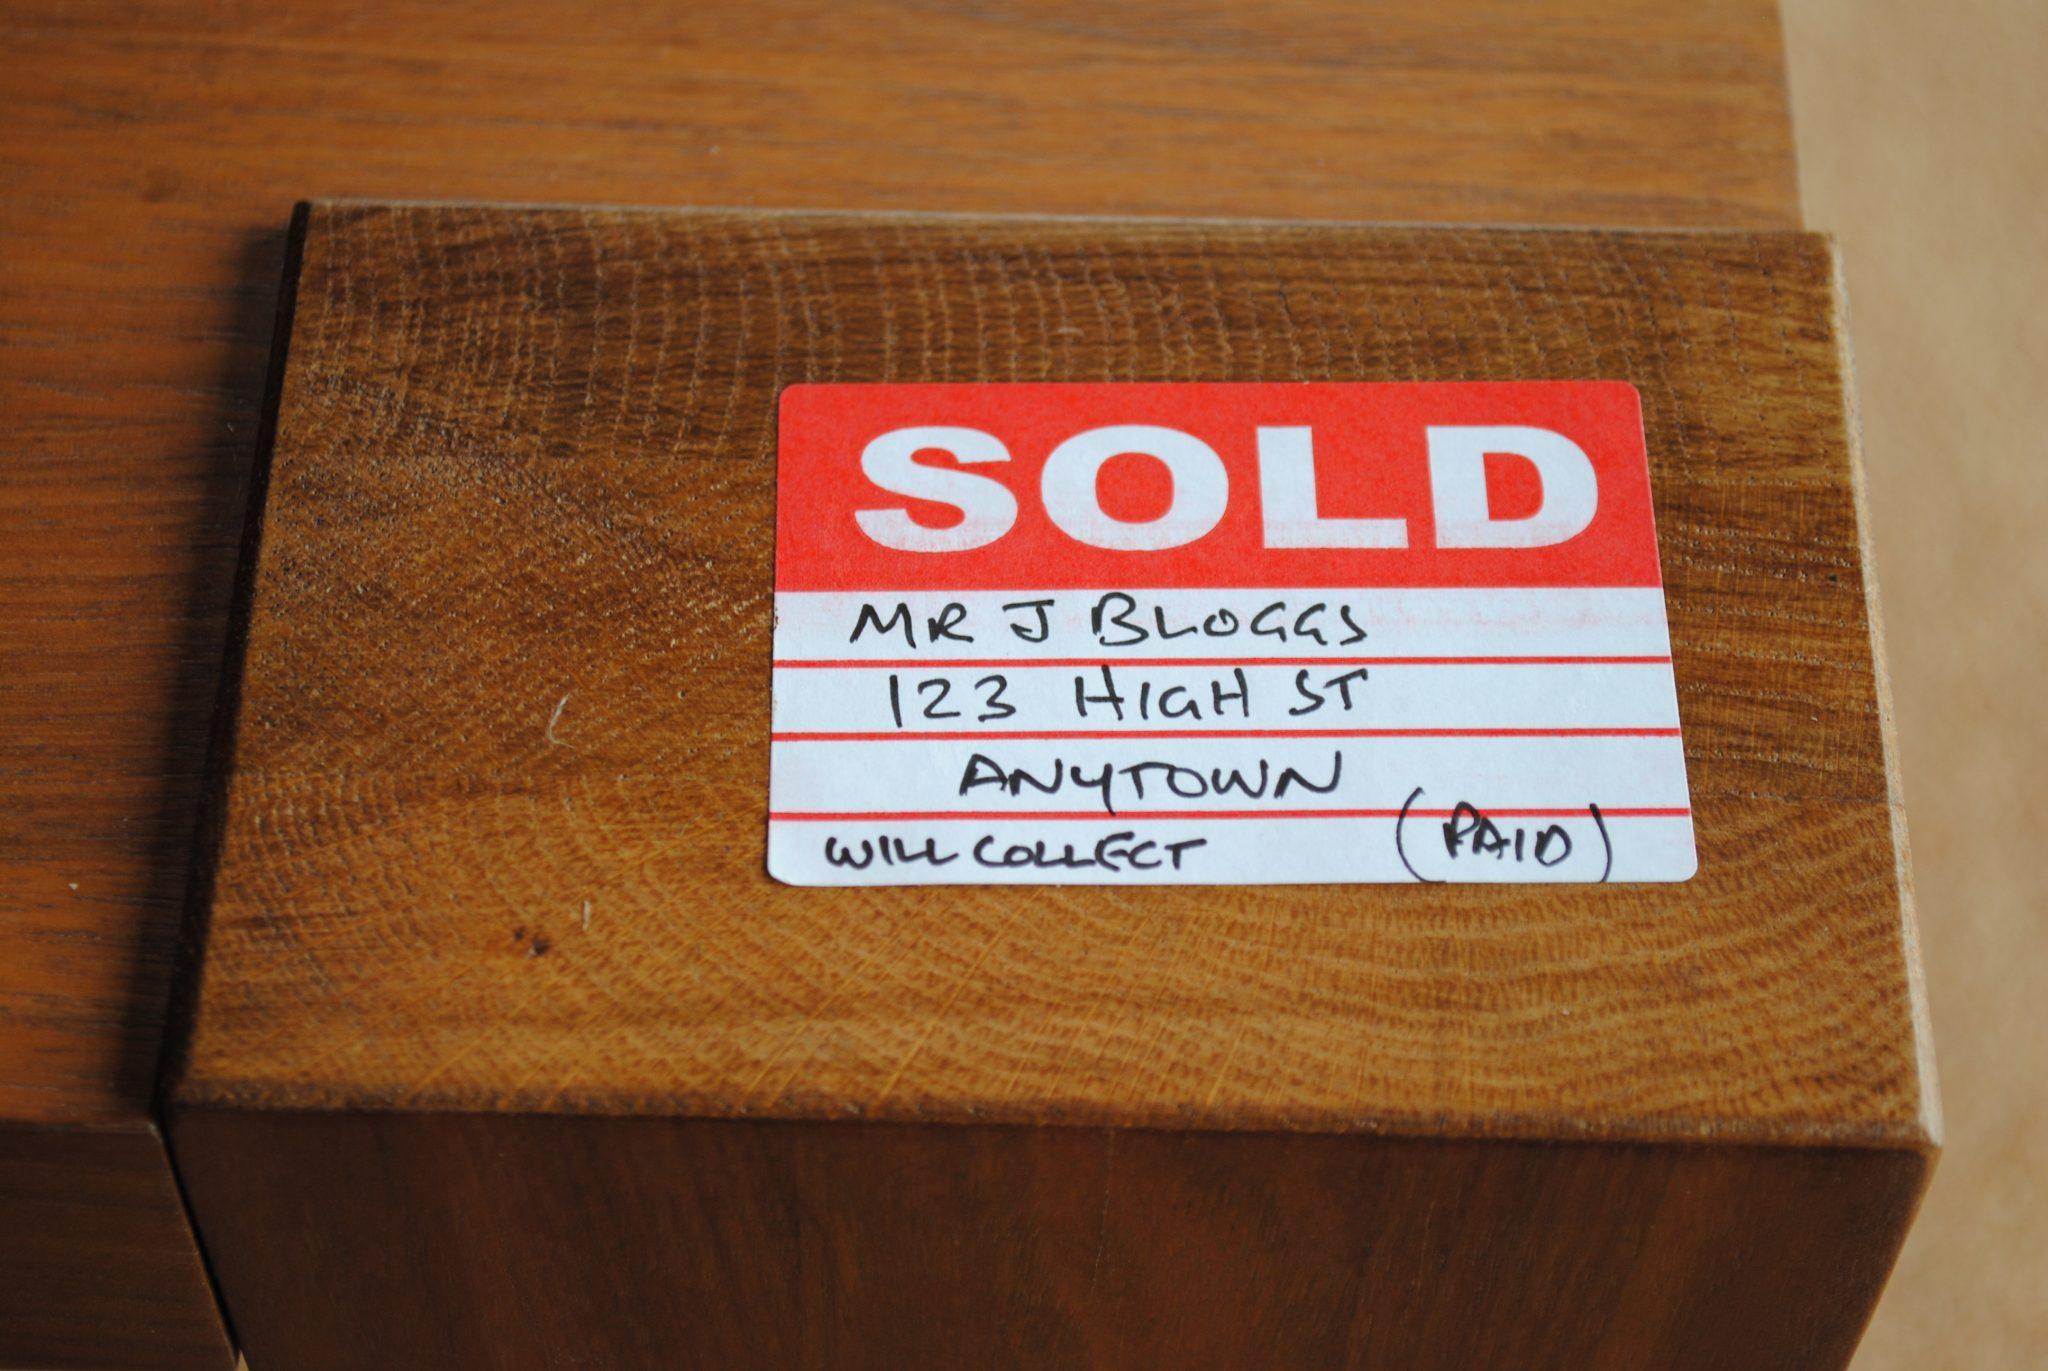 68x40mm Sold Label Lion Labels Amp Packaging Ltd